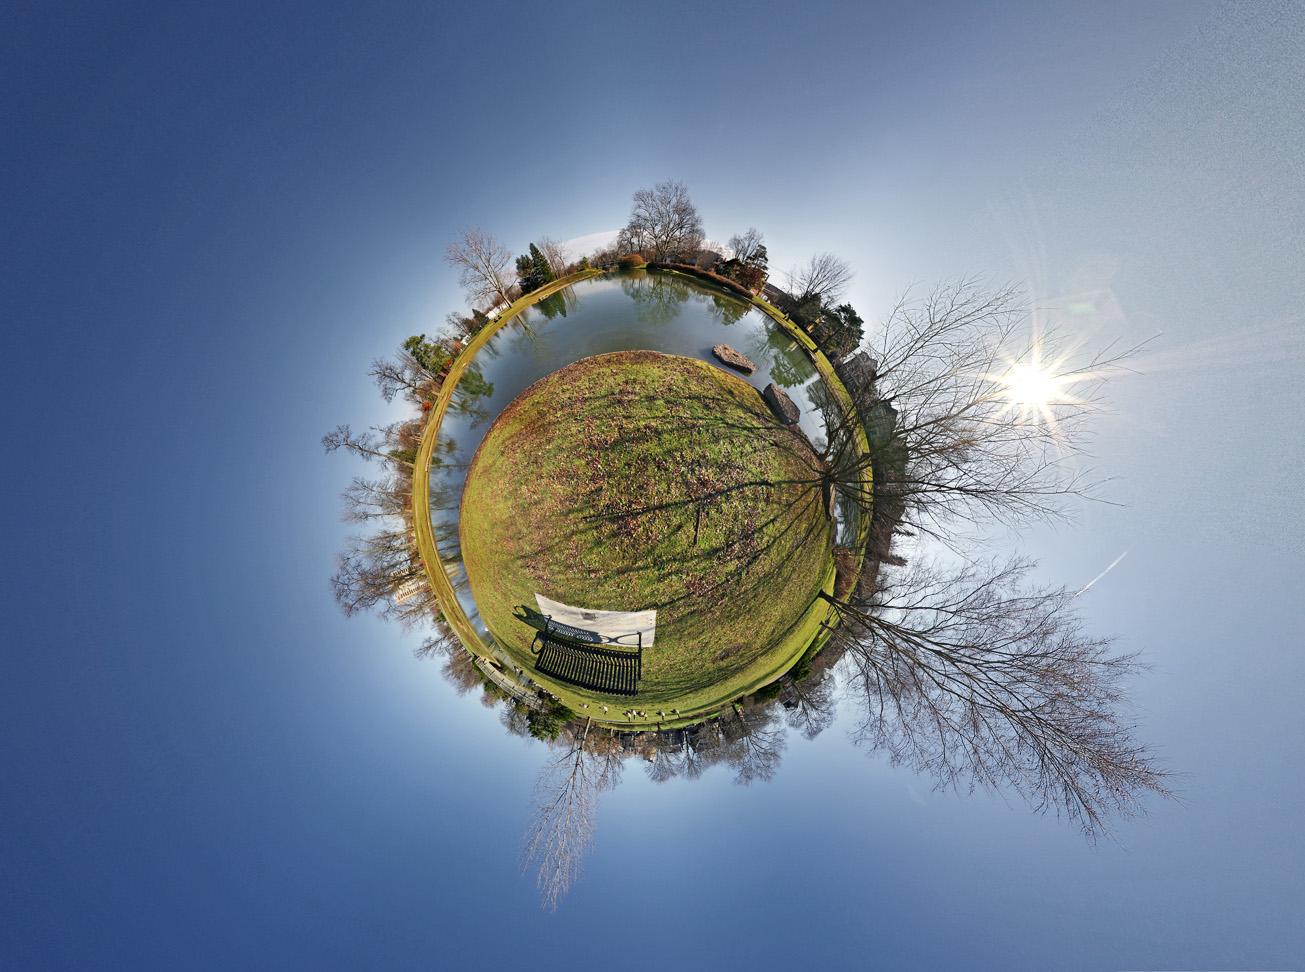 Franklin Park Pond